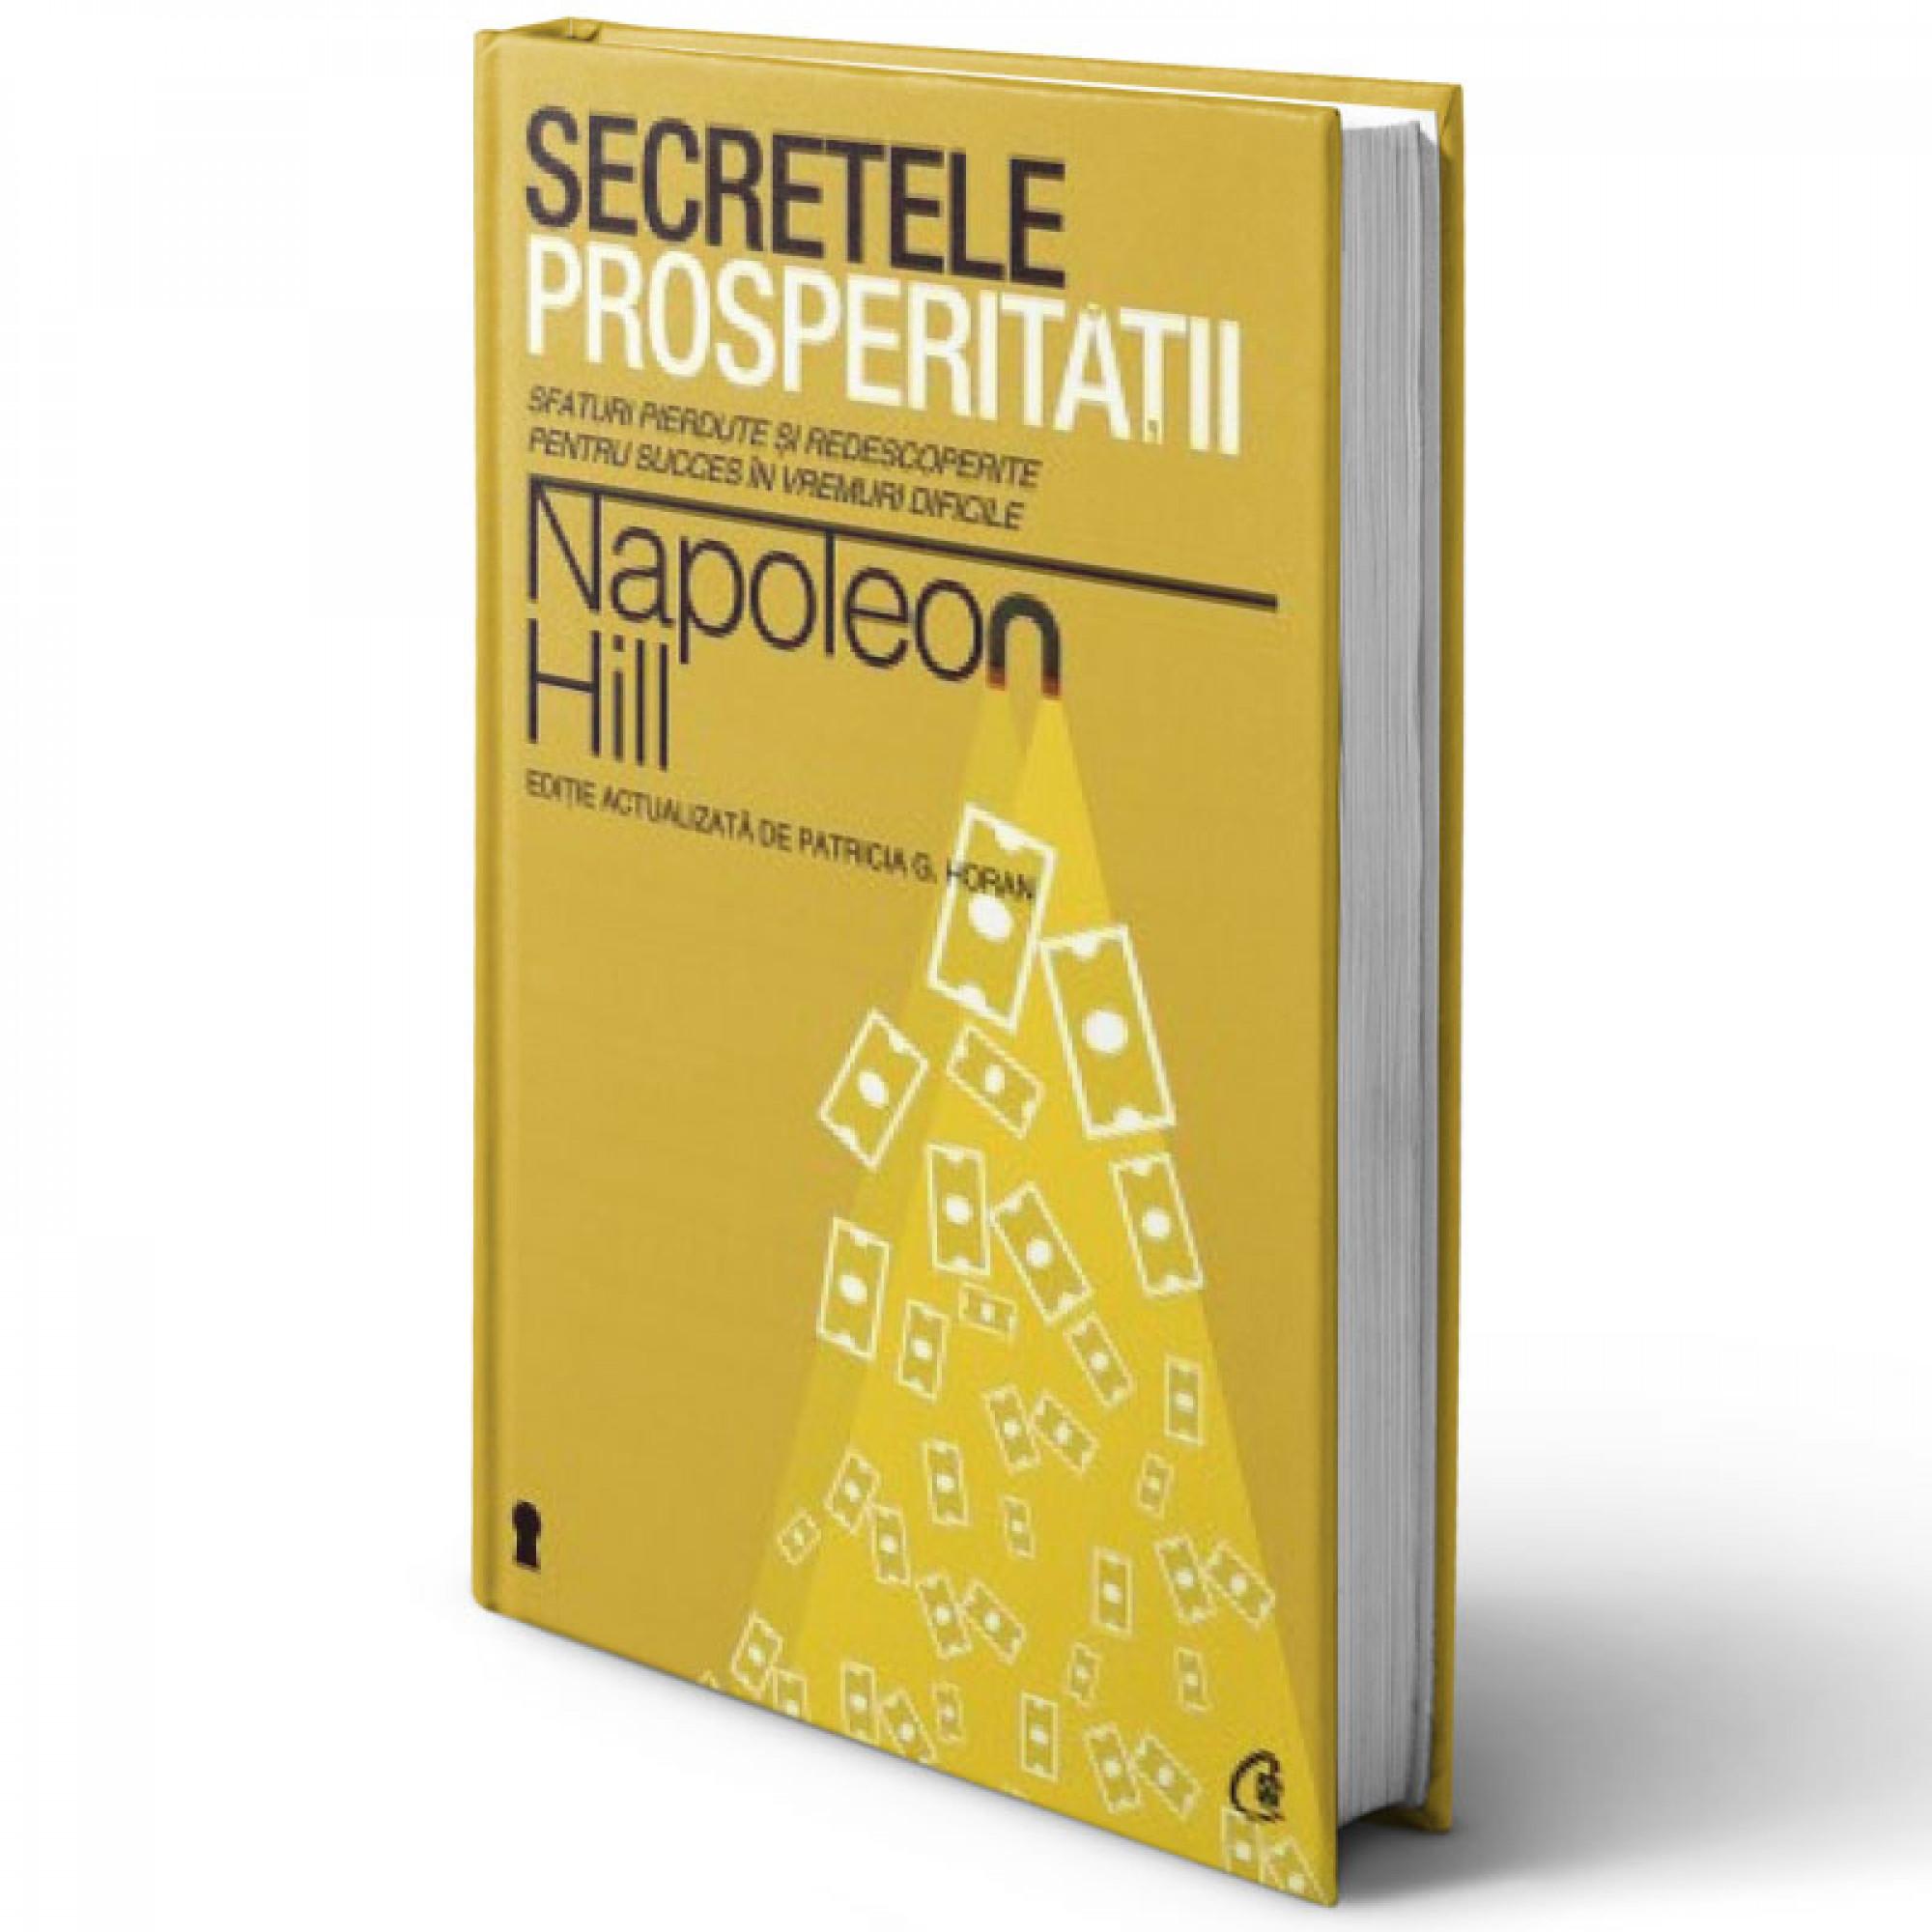 Secretele prosperităţii. Sfaturi pierdute şi redescoperite pentru succes în vremuri dificile; Napoleon Hill